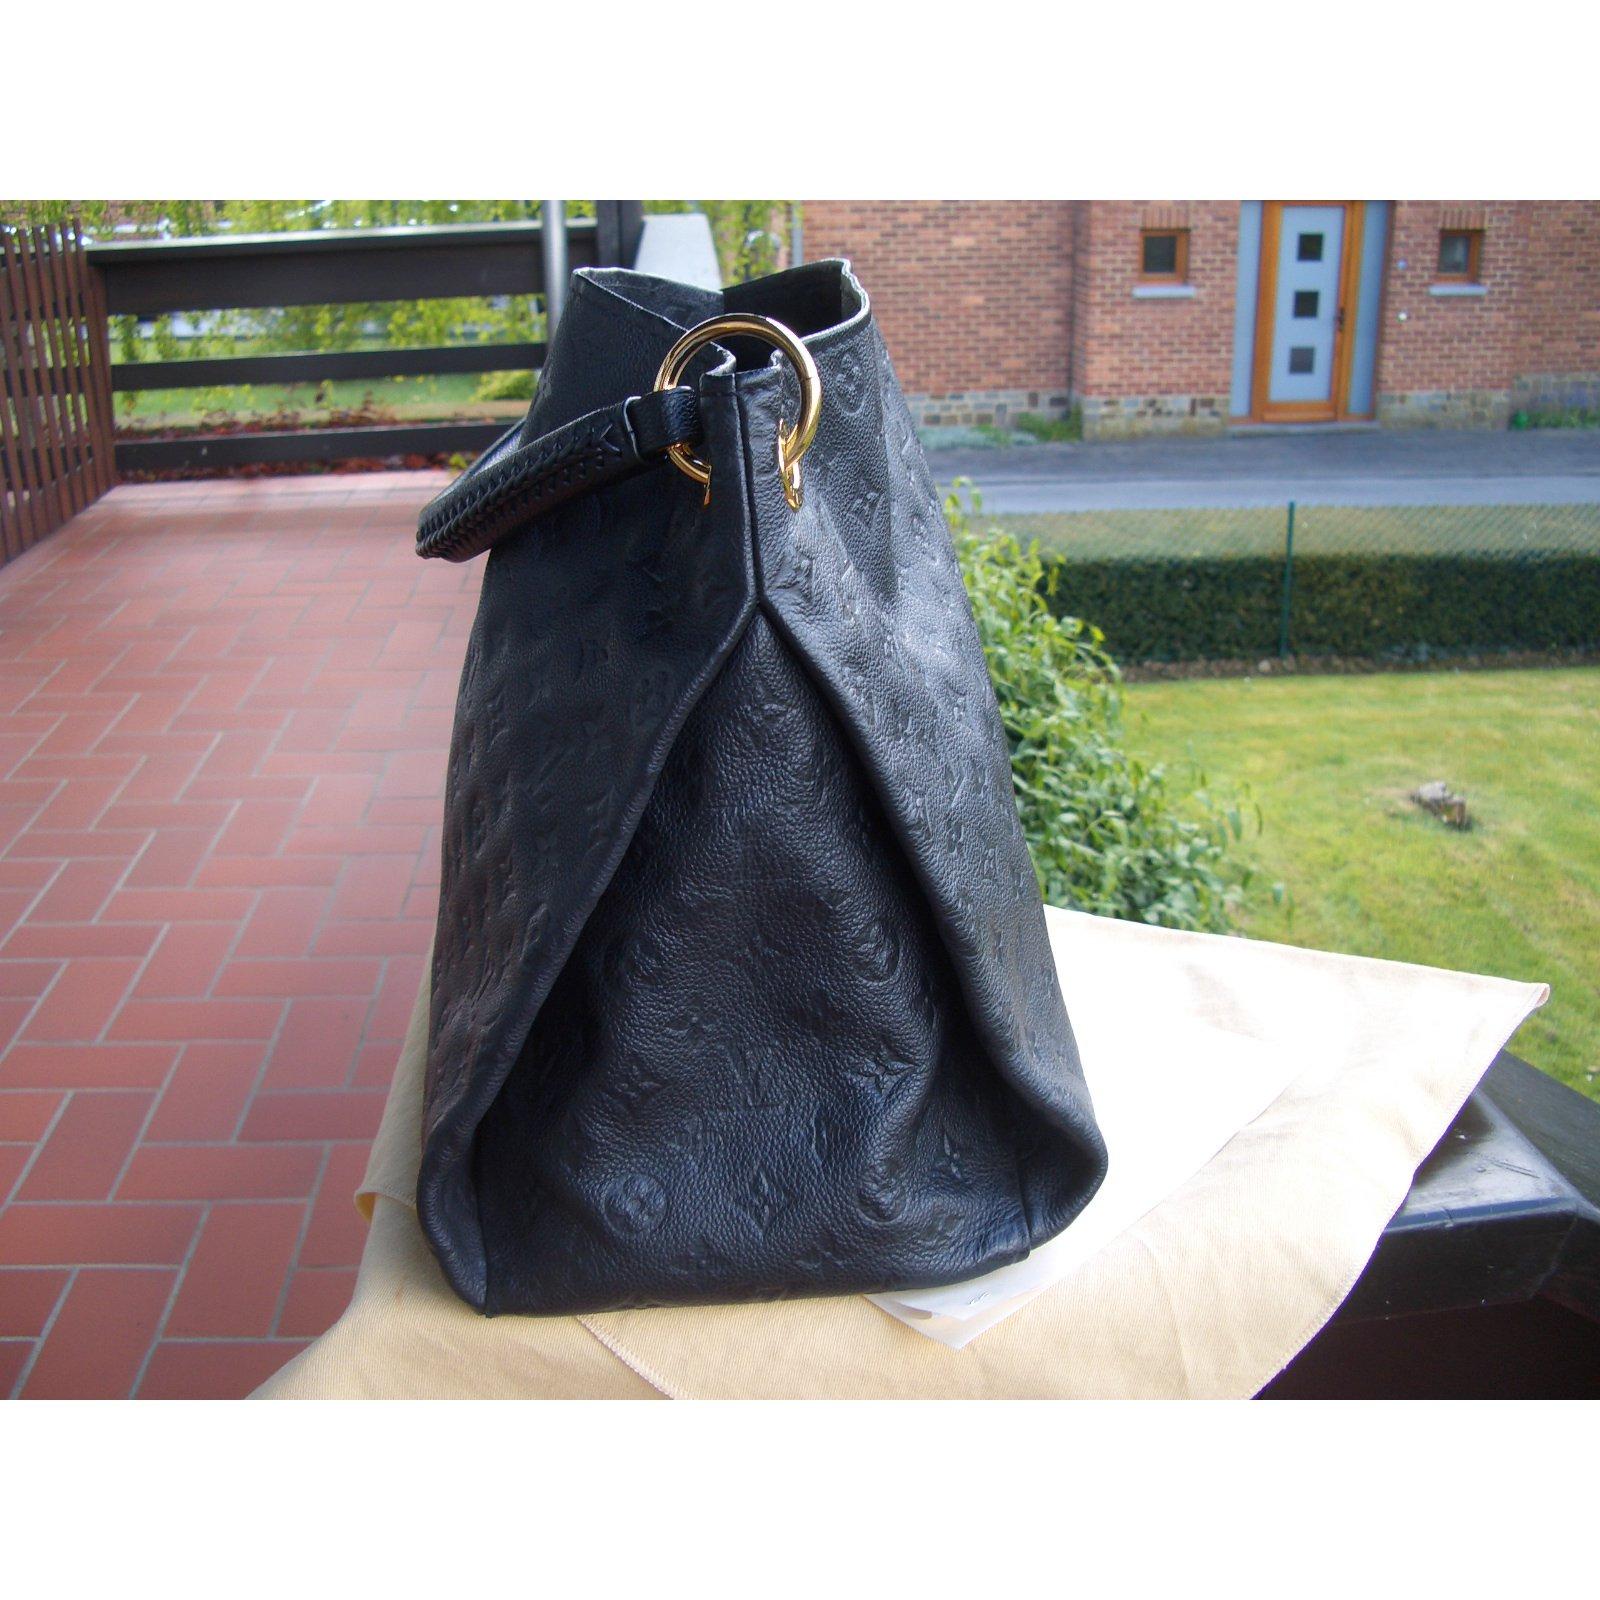 b3a7f19a890 Sacs à main Louis Vuitton Artsy empreinte Cuir Noir ref.38713 - Joli Closet